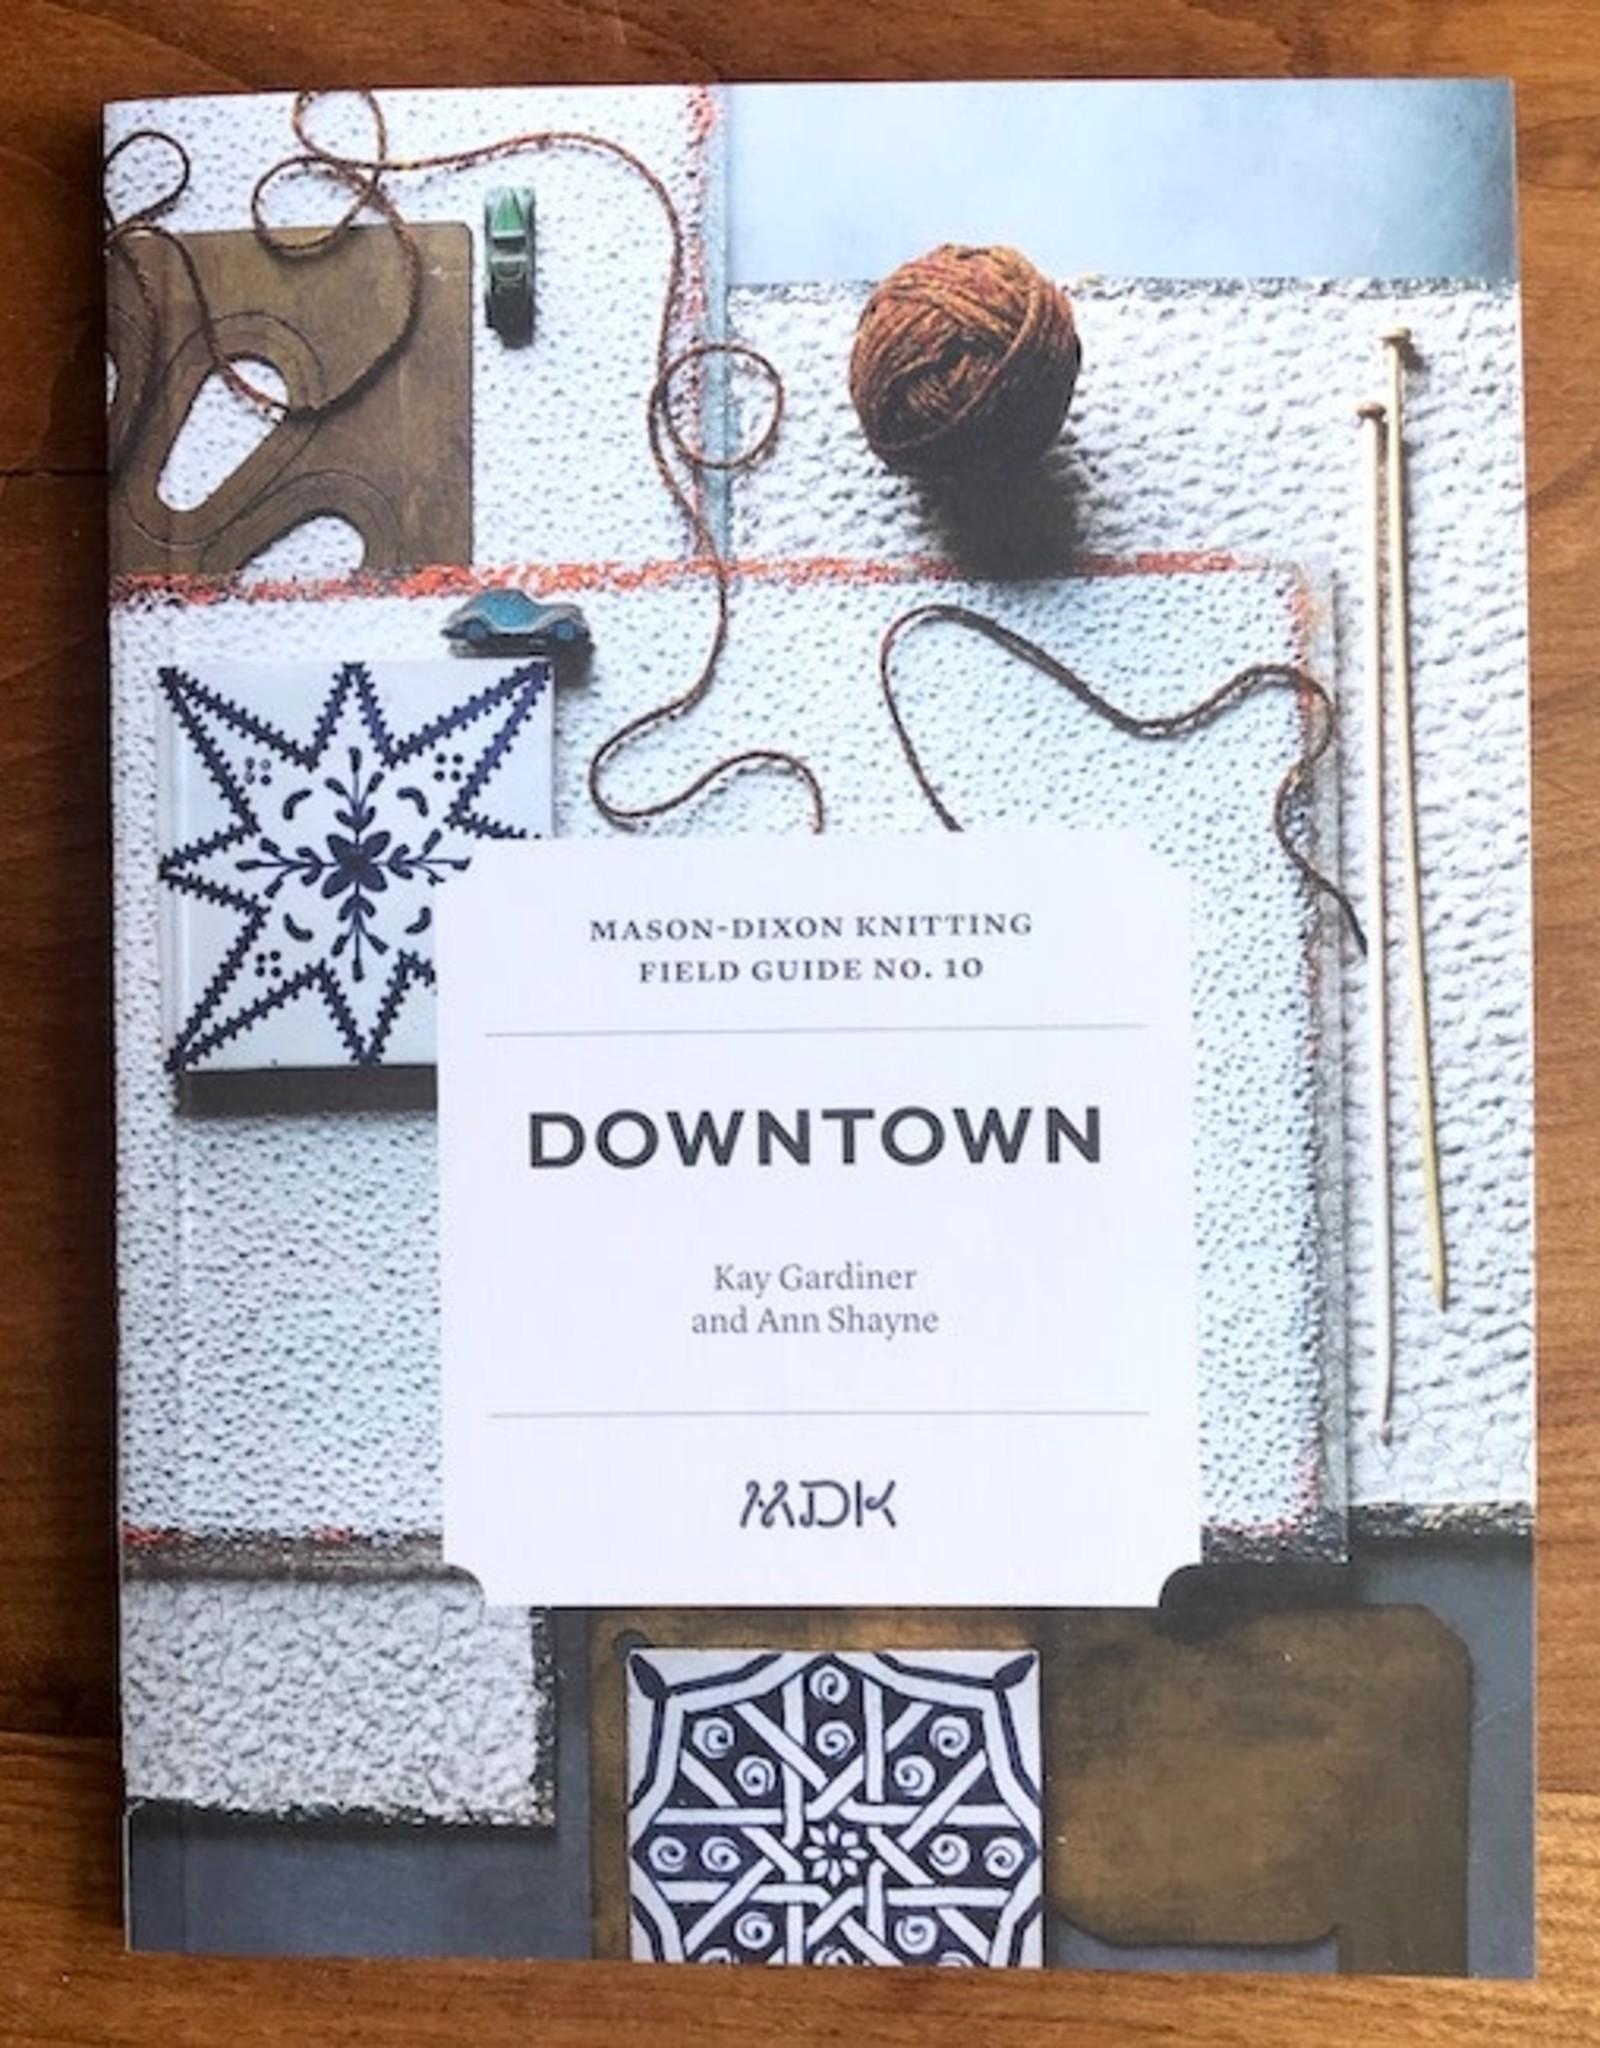 Mason-Dixon Knitting Field Guide No. 10 Downtown